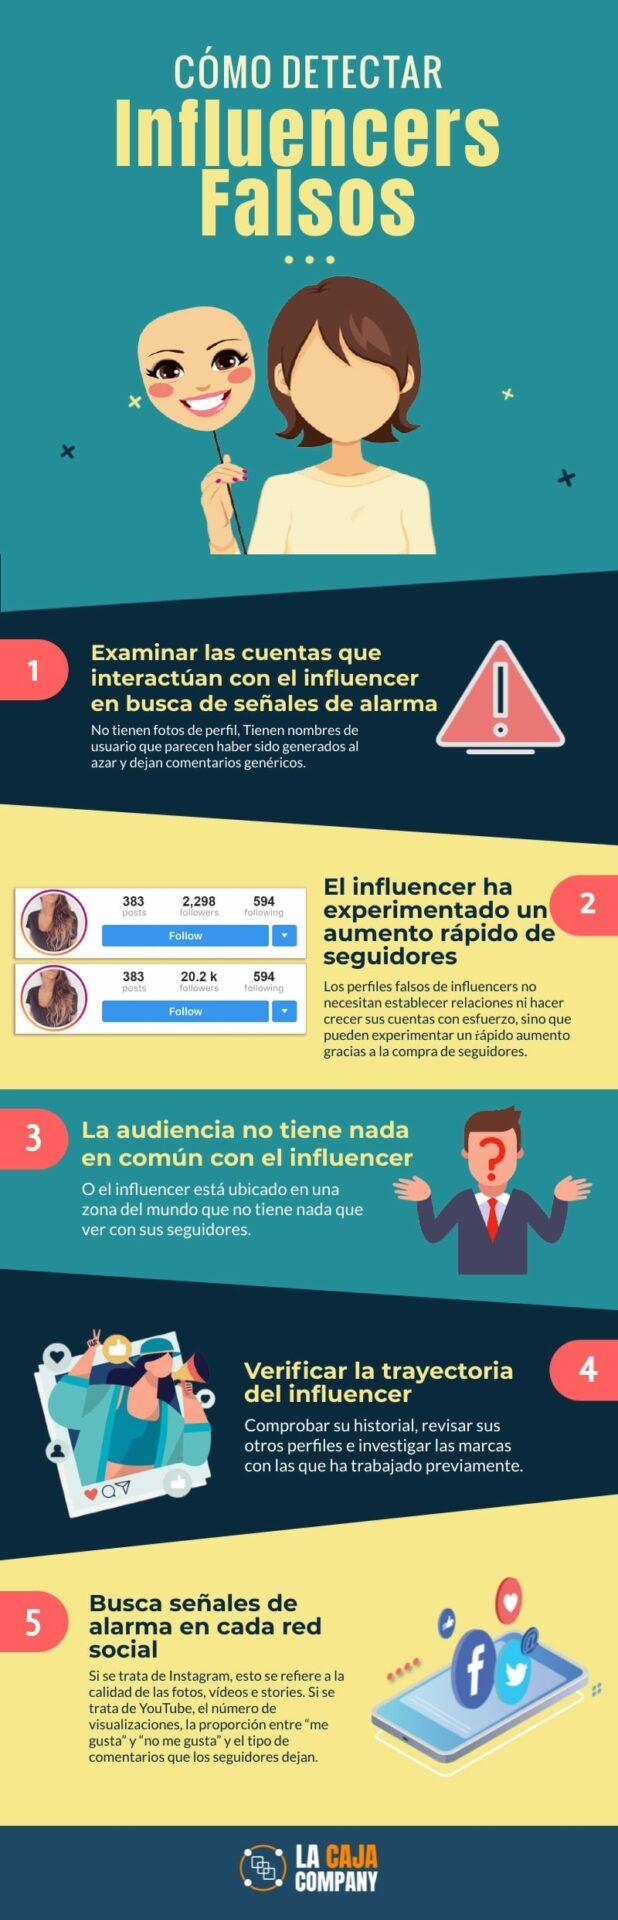 como detectar falsos influencers marketing